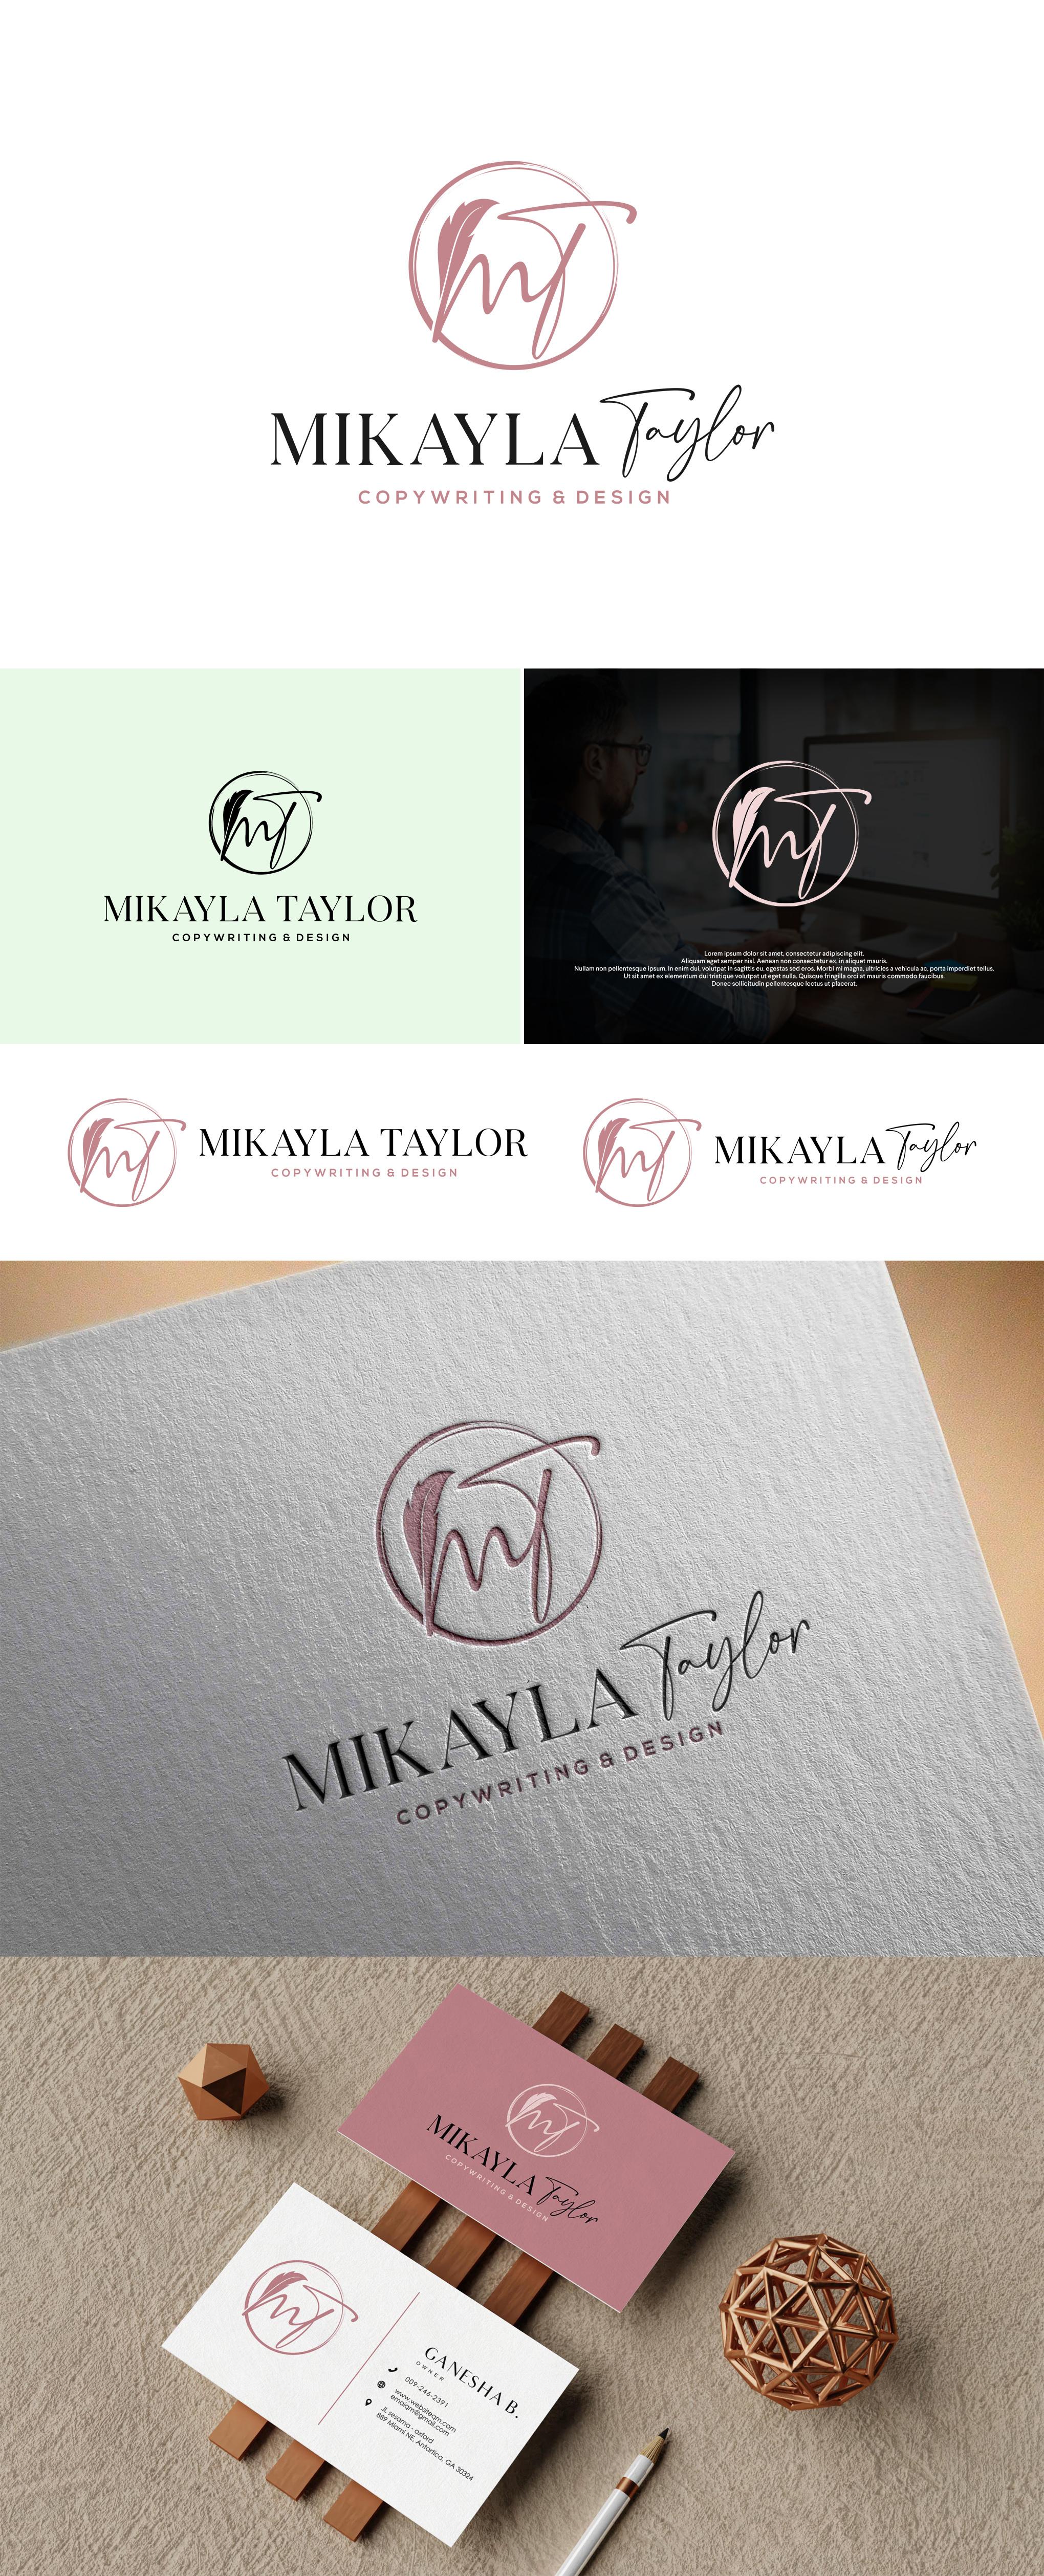 Winning Entry #88 for Logo Design contest - Copywriting & Web Design Business Logo Design - original